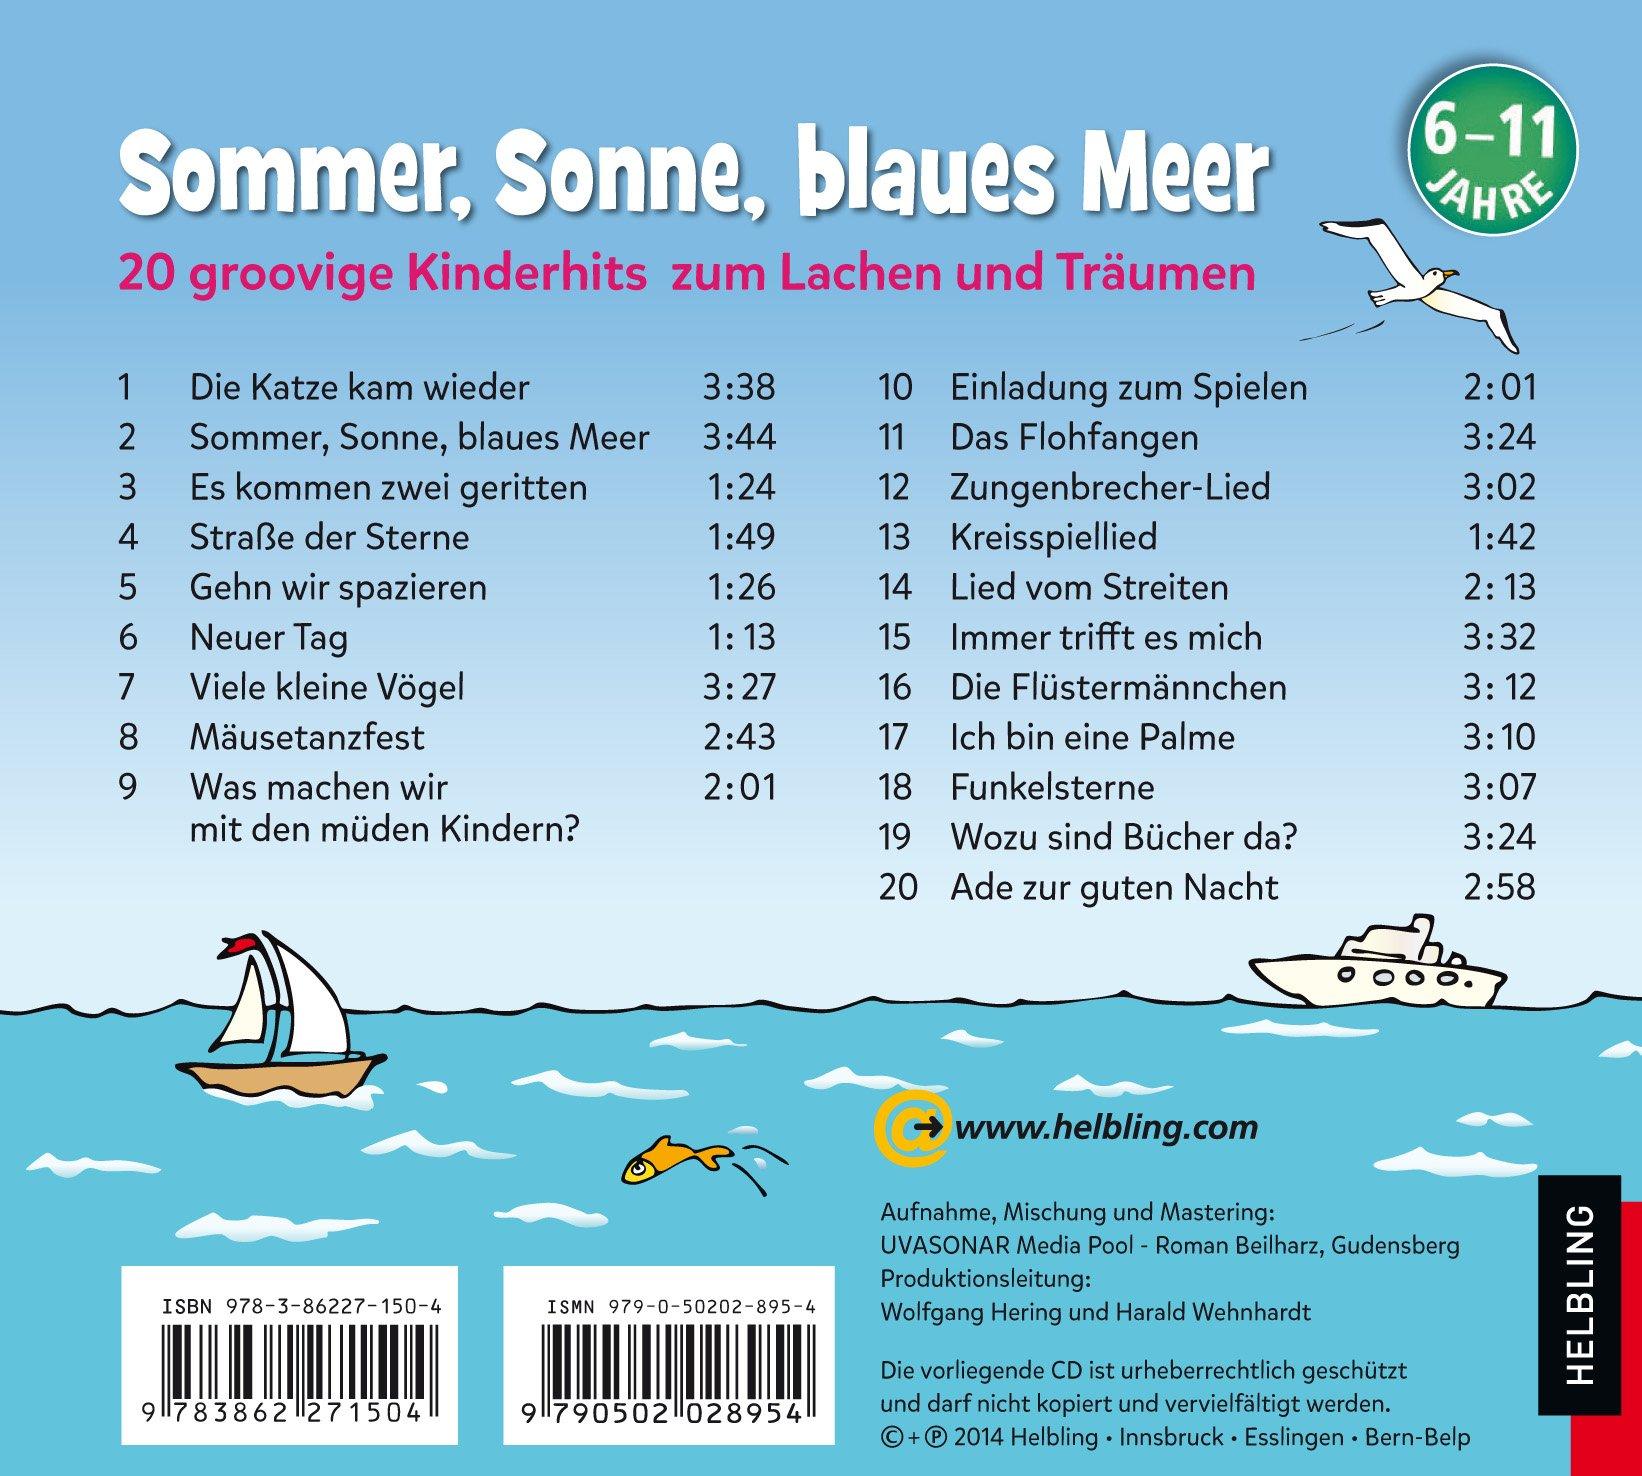 Meer und lieder sommer strand sonne Die 15